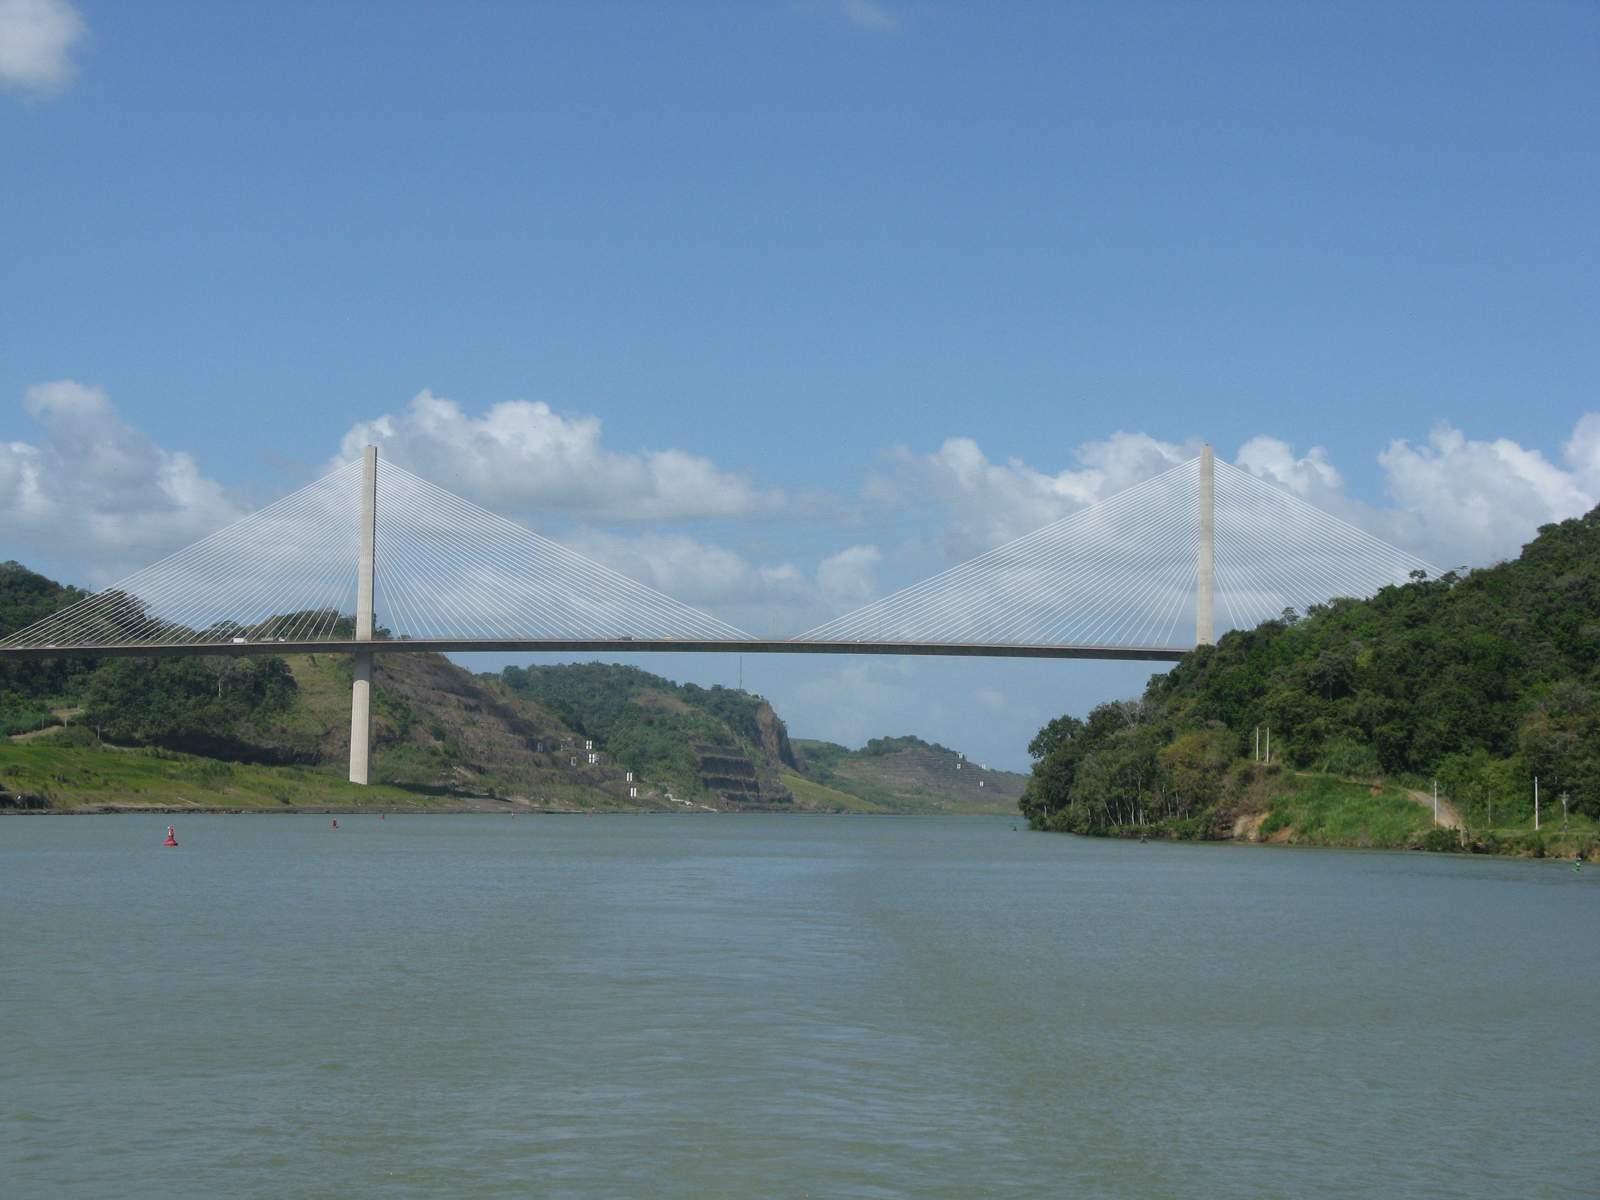 The Centennial Bridge due to open in 2014.